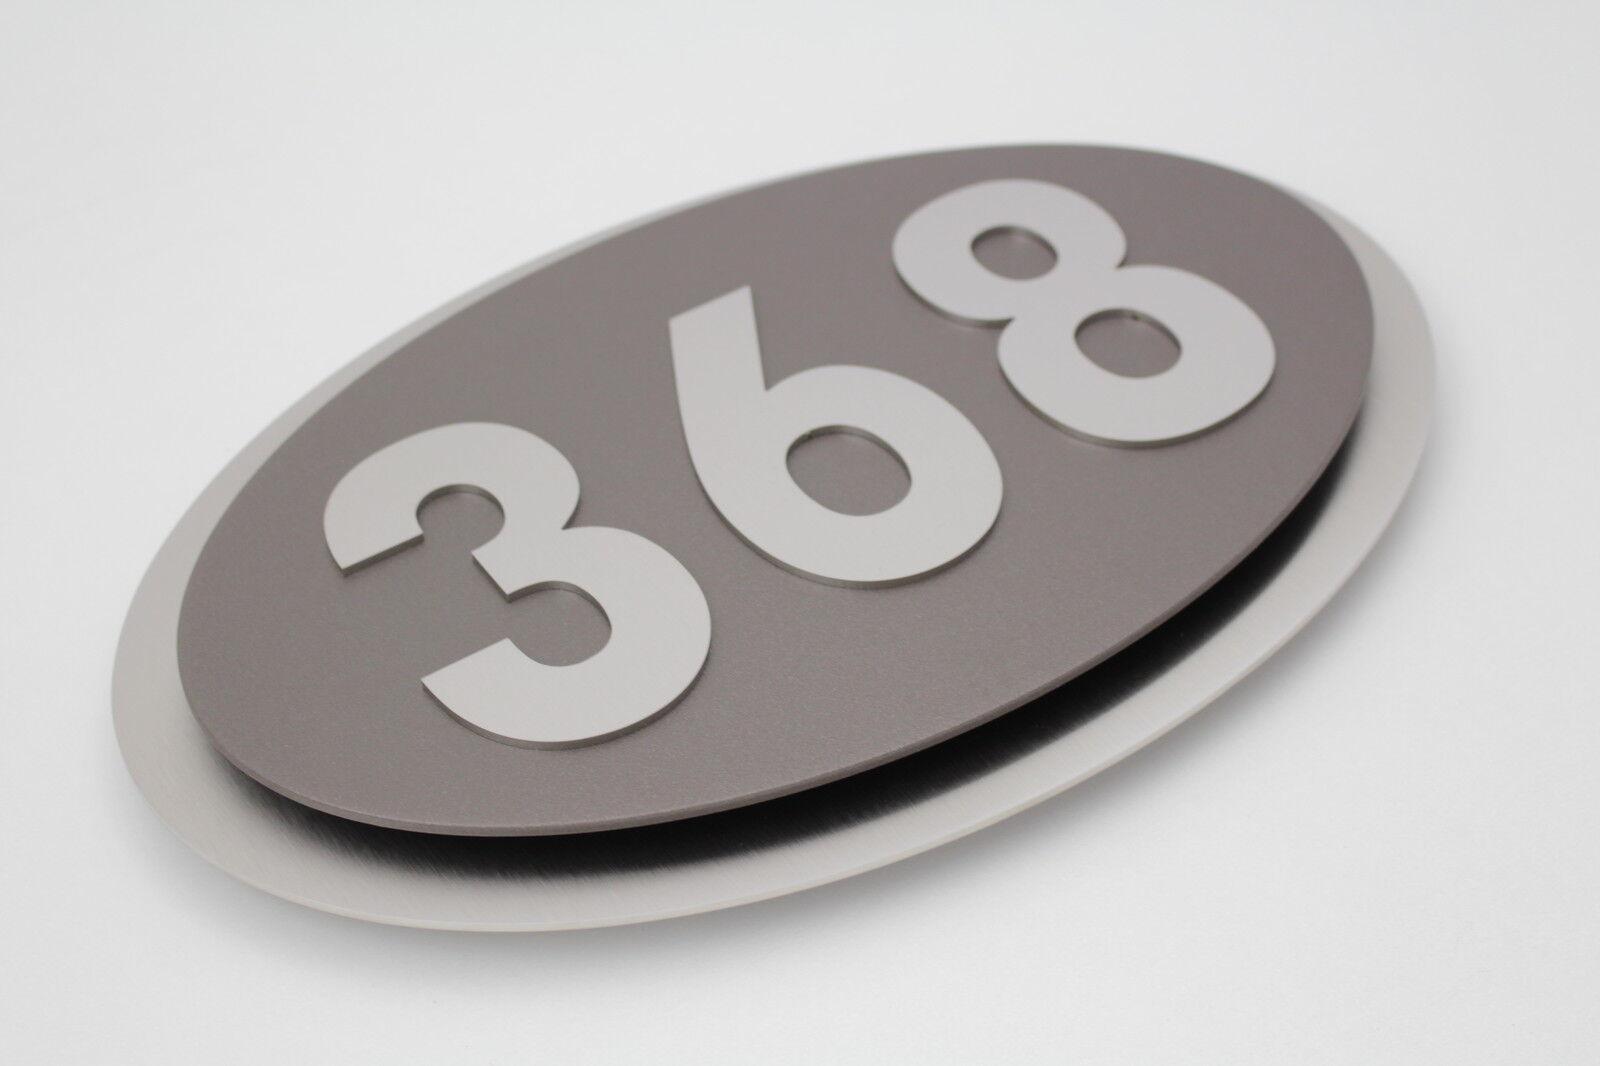 Hausnummer Edelstahl Sepia grau grau grau Exklusives Design Galaxy 1-9 a-h A-H V2A | Praktisch Und Wirtschaftlich  | Überlegen  | Hochwertige Materialien  7162c0